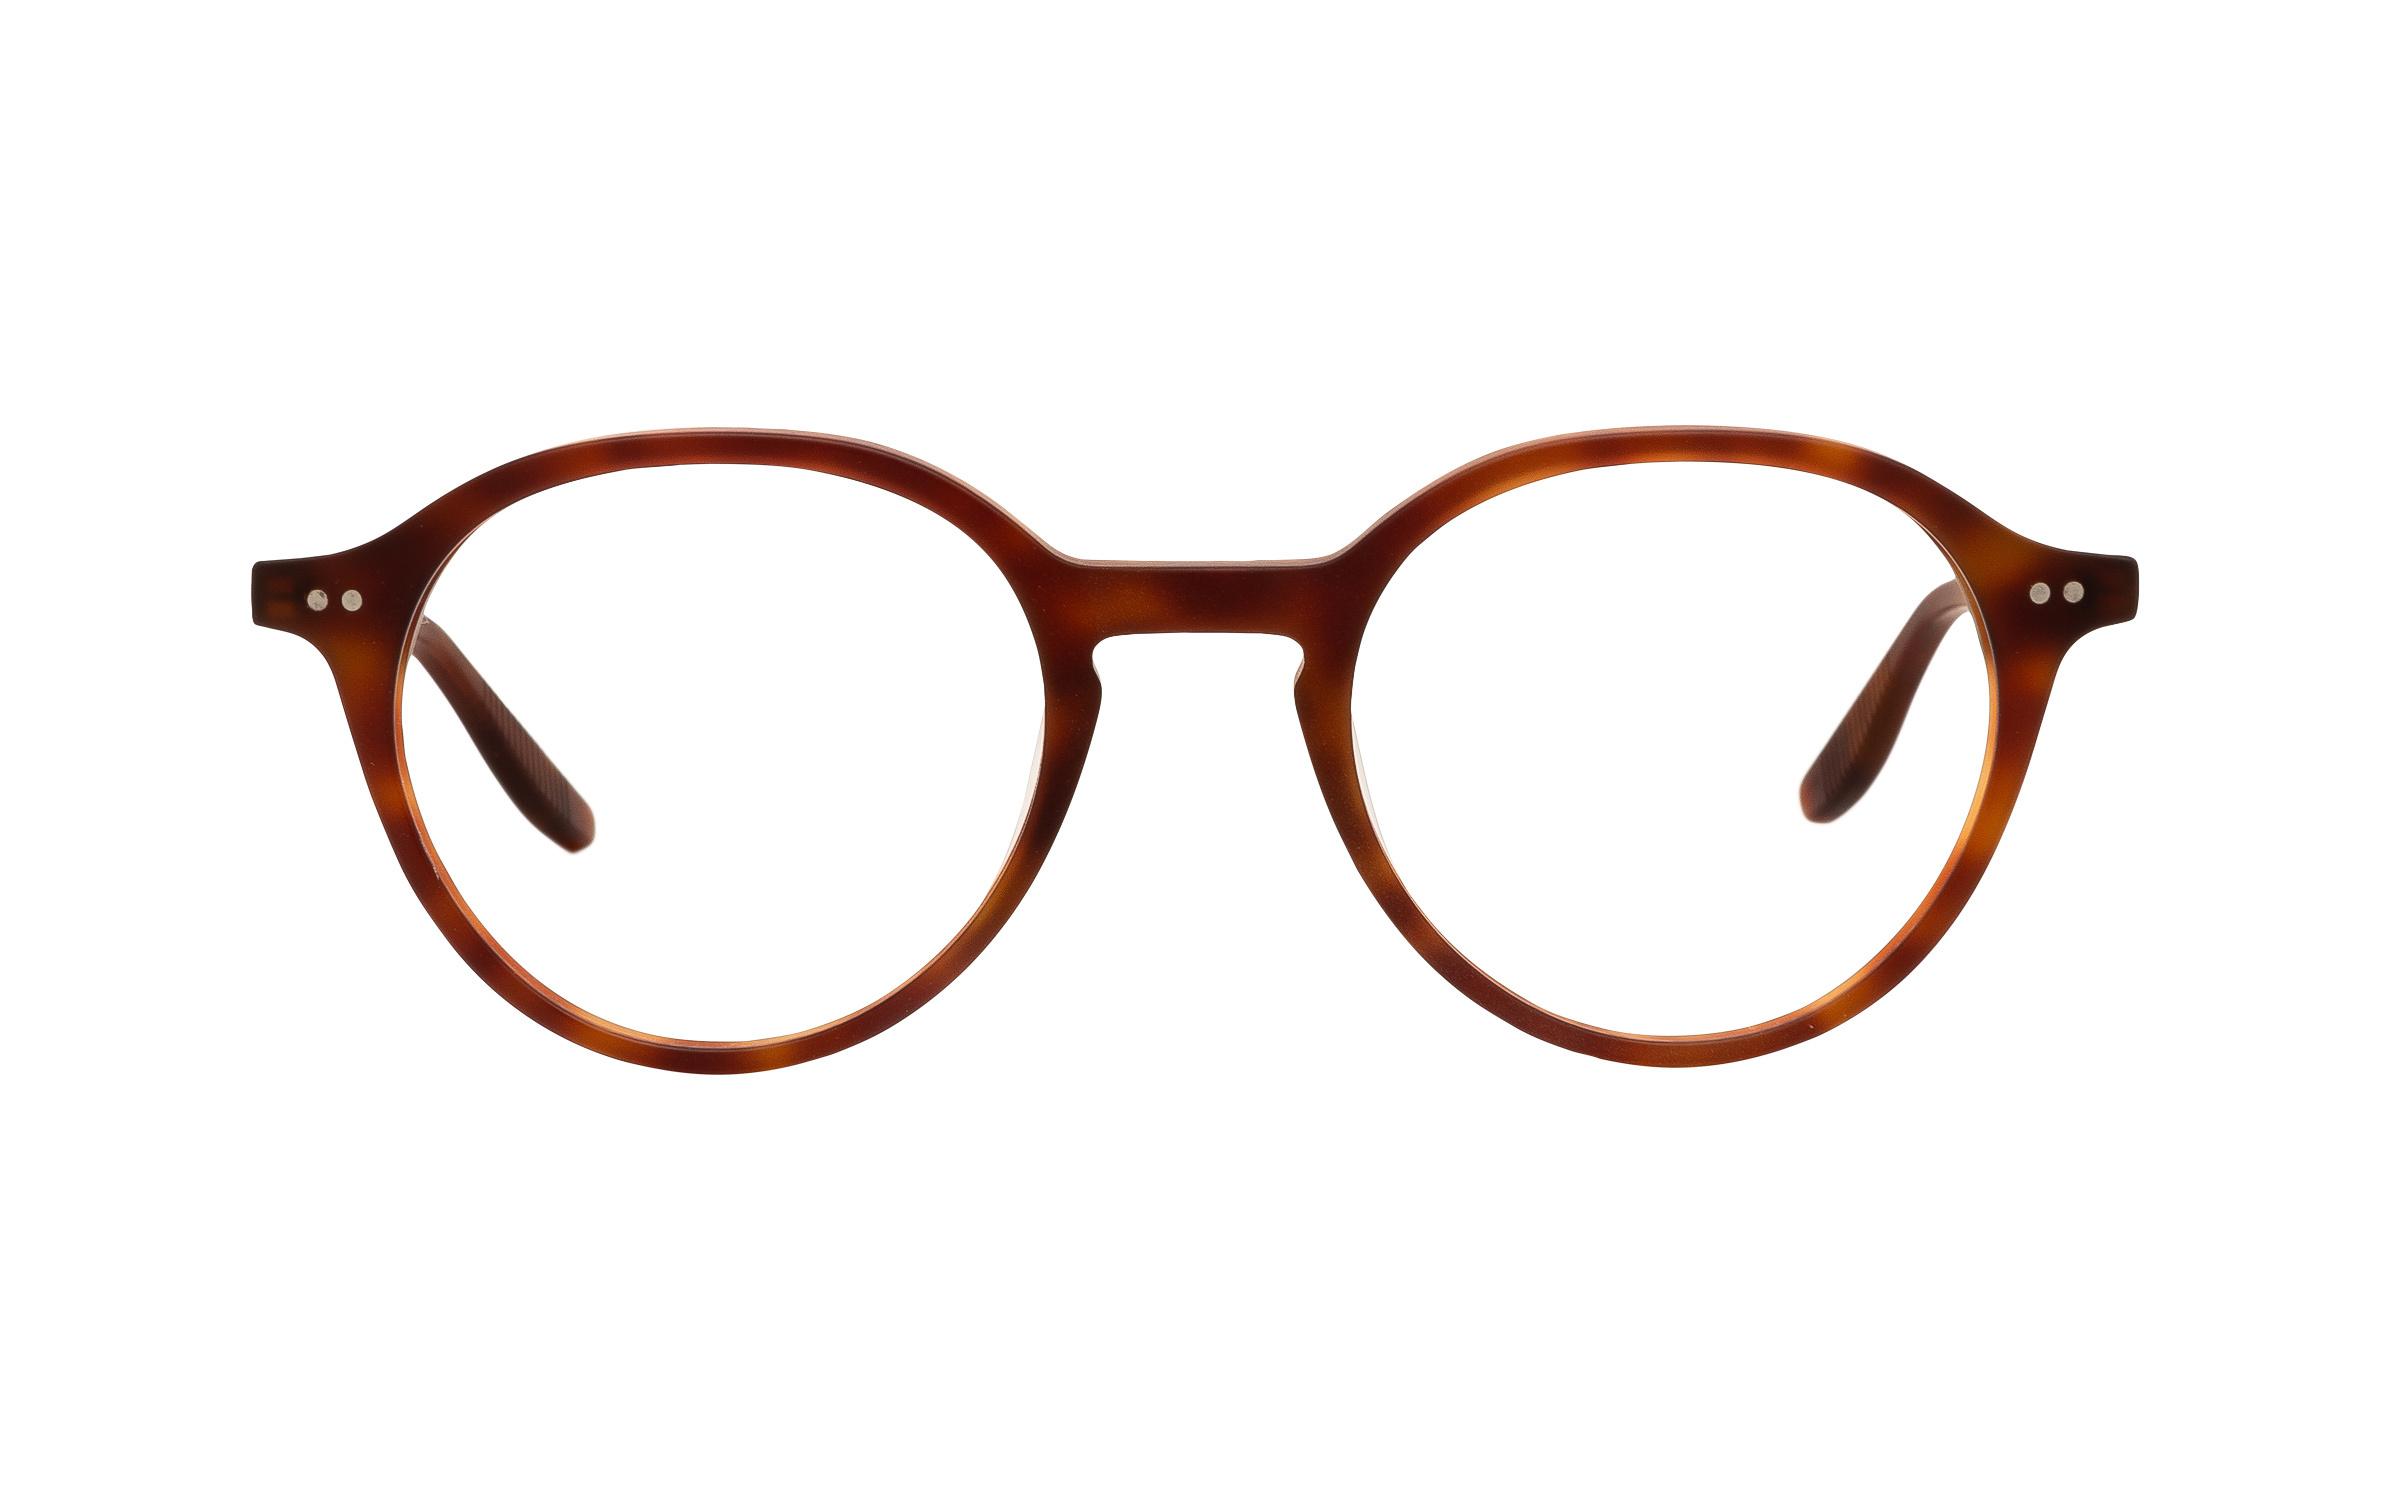 Joseph Marc Bonetta JM060 C04 (49) Eyeglasses and Frame in Matte Brown | Acetate/Plastic/Metal